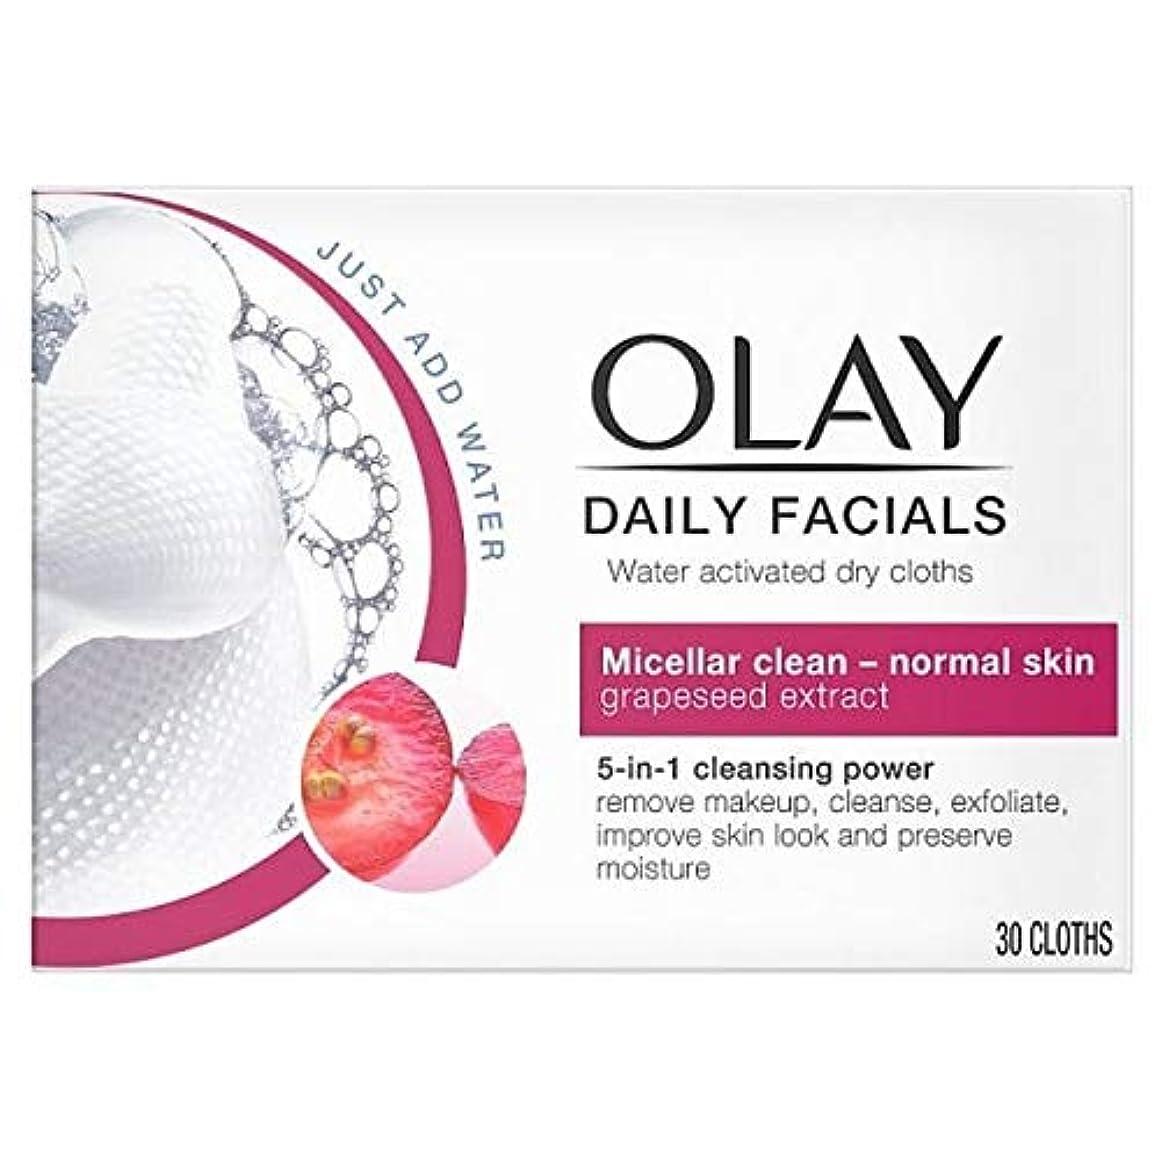 名声頑丈払い戻し[Olay ] オーレイ毎日フェイシャル5-In1は乾燥布 - 正常な皮膚 - Olay Daily Facials 5-in1 Dry Cloths - Normal Skin [並行輸入品]